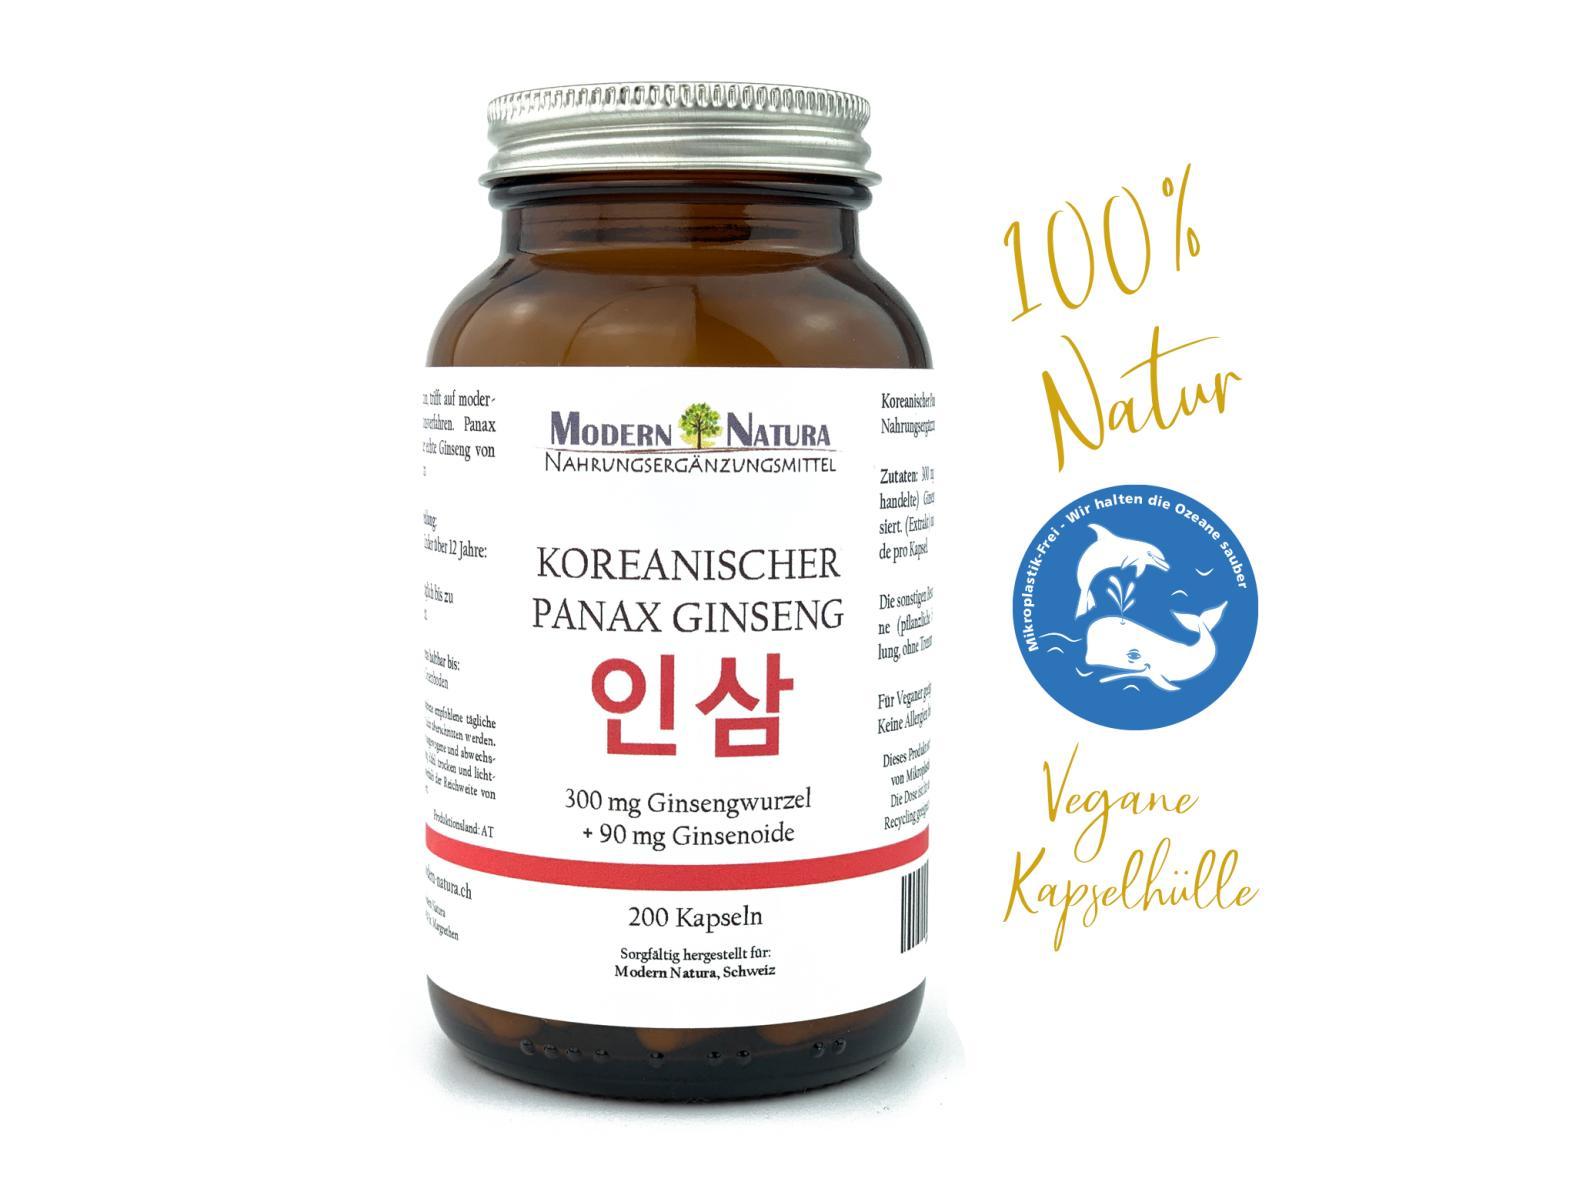 Echter Koreanischer Panax Ginseng - 300mg (200 Kapseln, C. A. Meyer, Vegan & Glutenfrei)